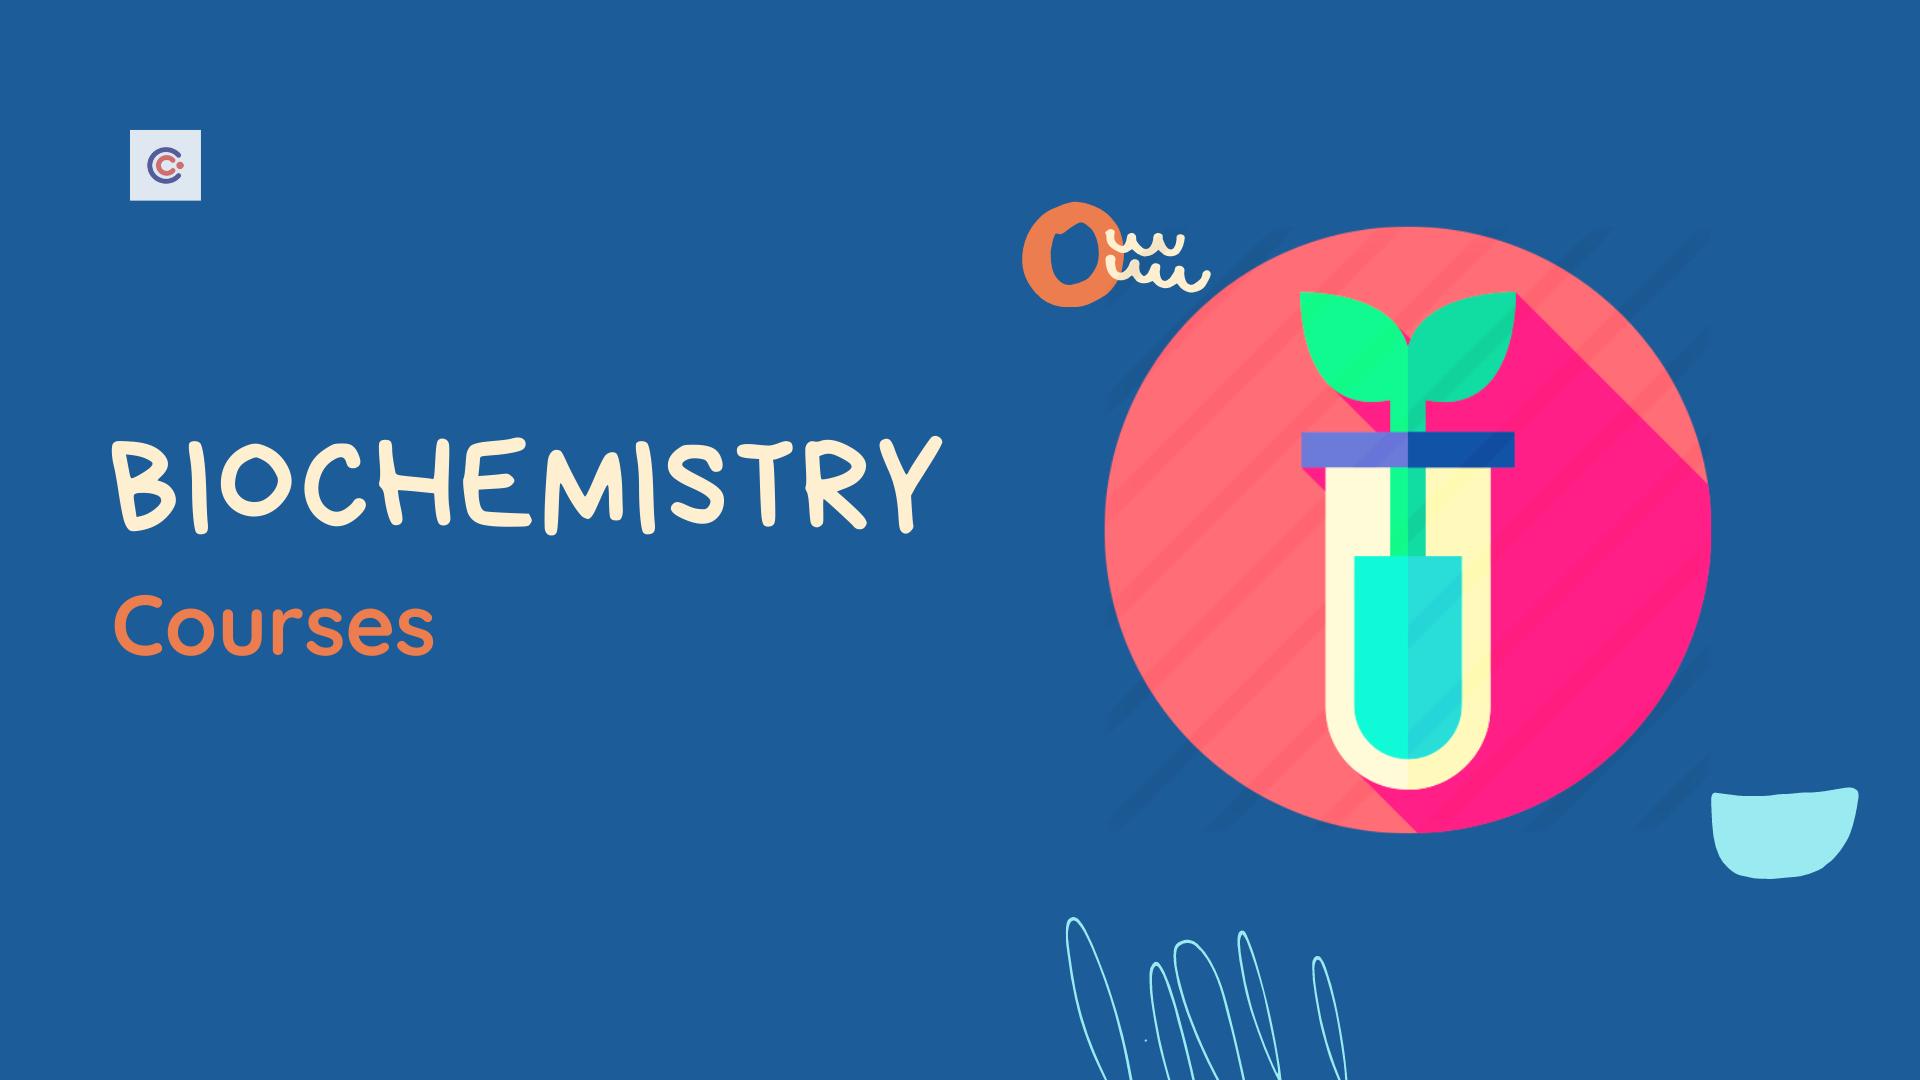 4 Best Biochemistry Courses - Learn Biochemistry Online